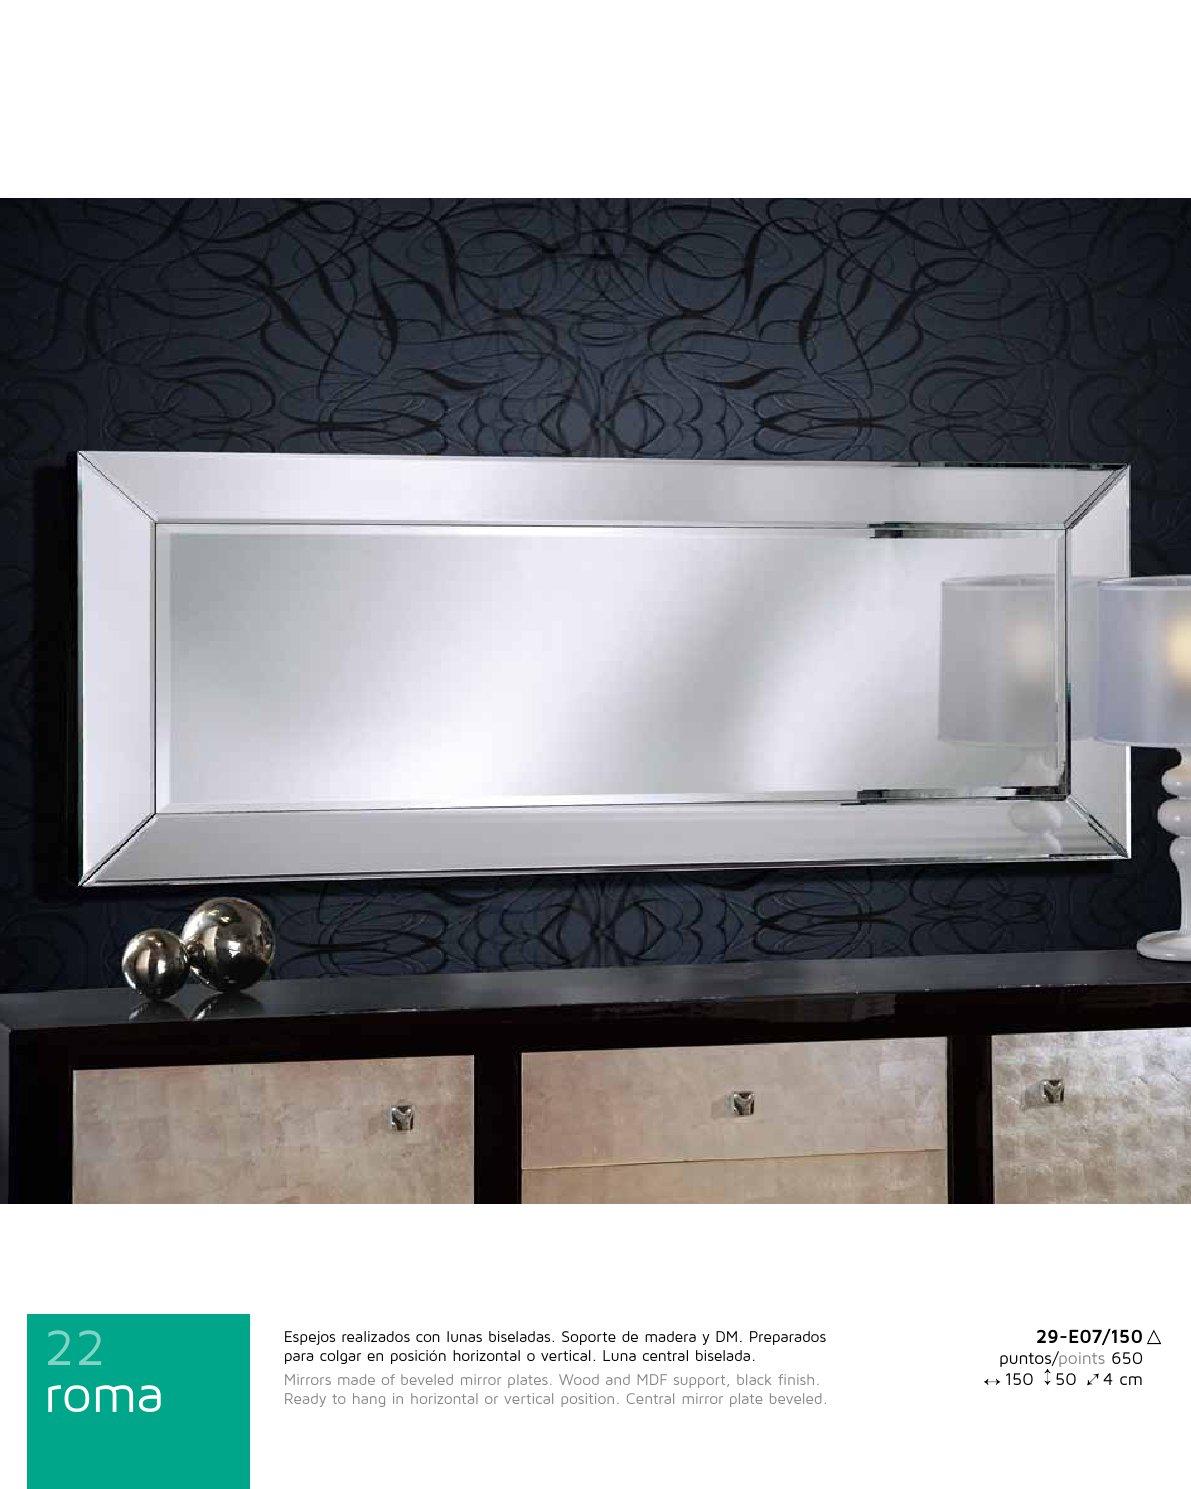 Schuller roma miroir 150x50 29 e07 150 for Espejo 50 x 150